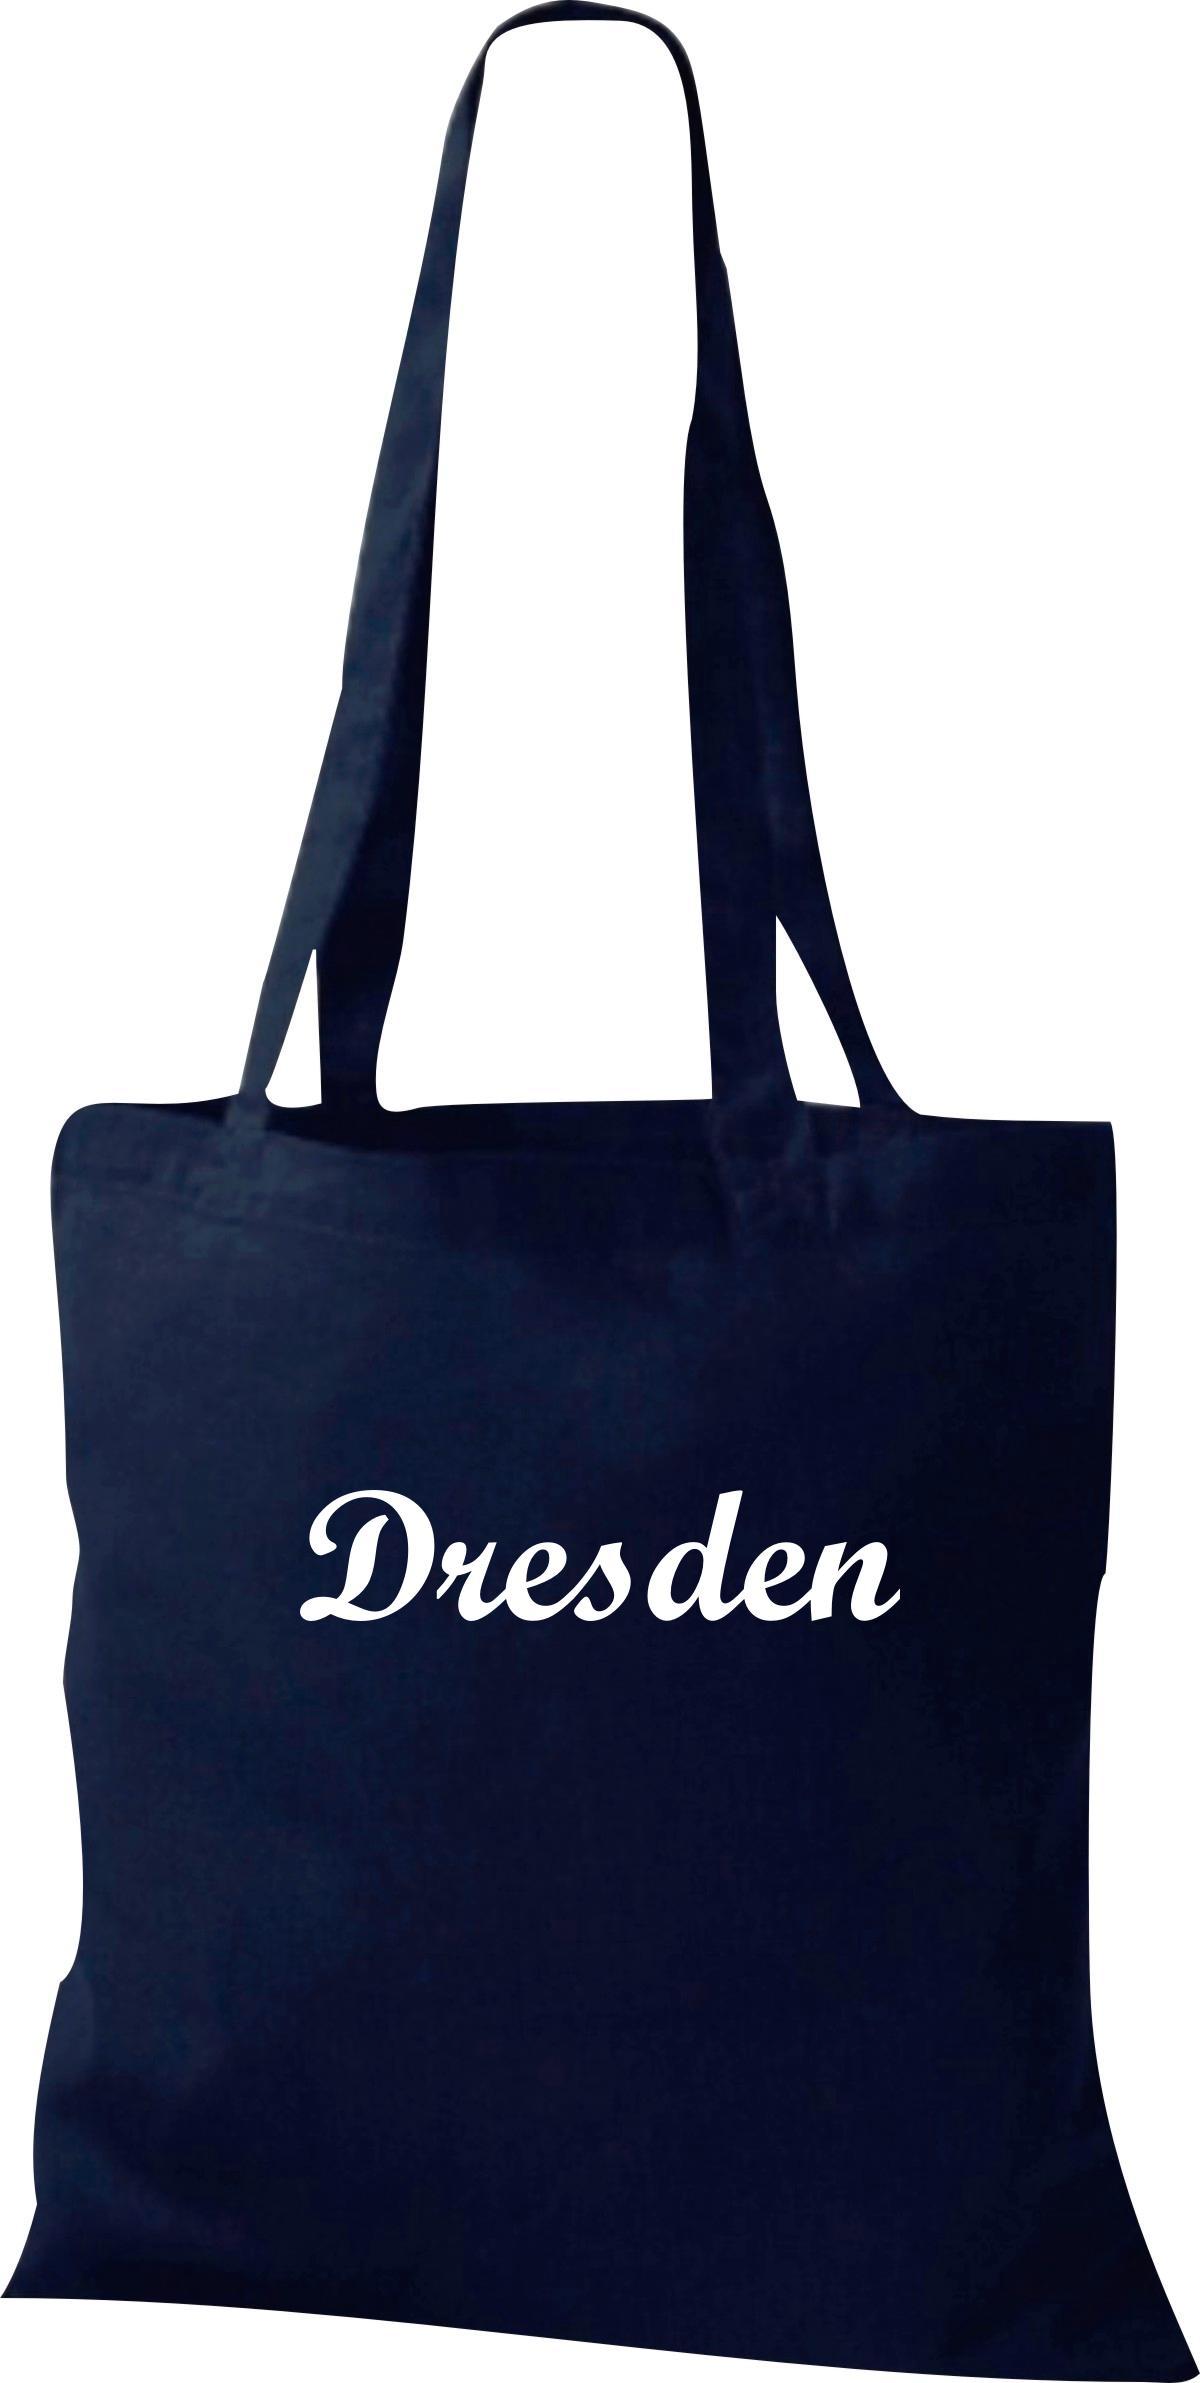 Stoffbeutel City Stadt Shirt Dresden Deine Stadt kult, Baumwolltasche viele Farb